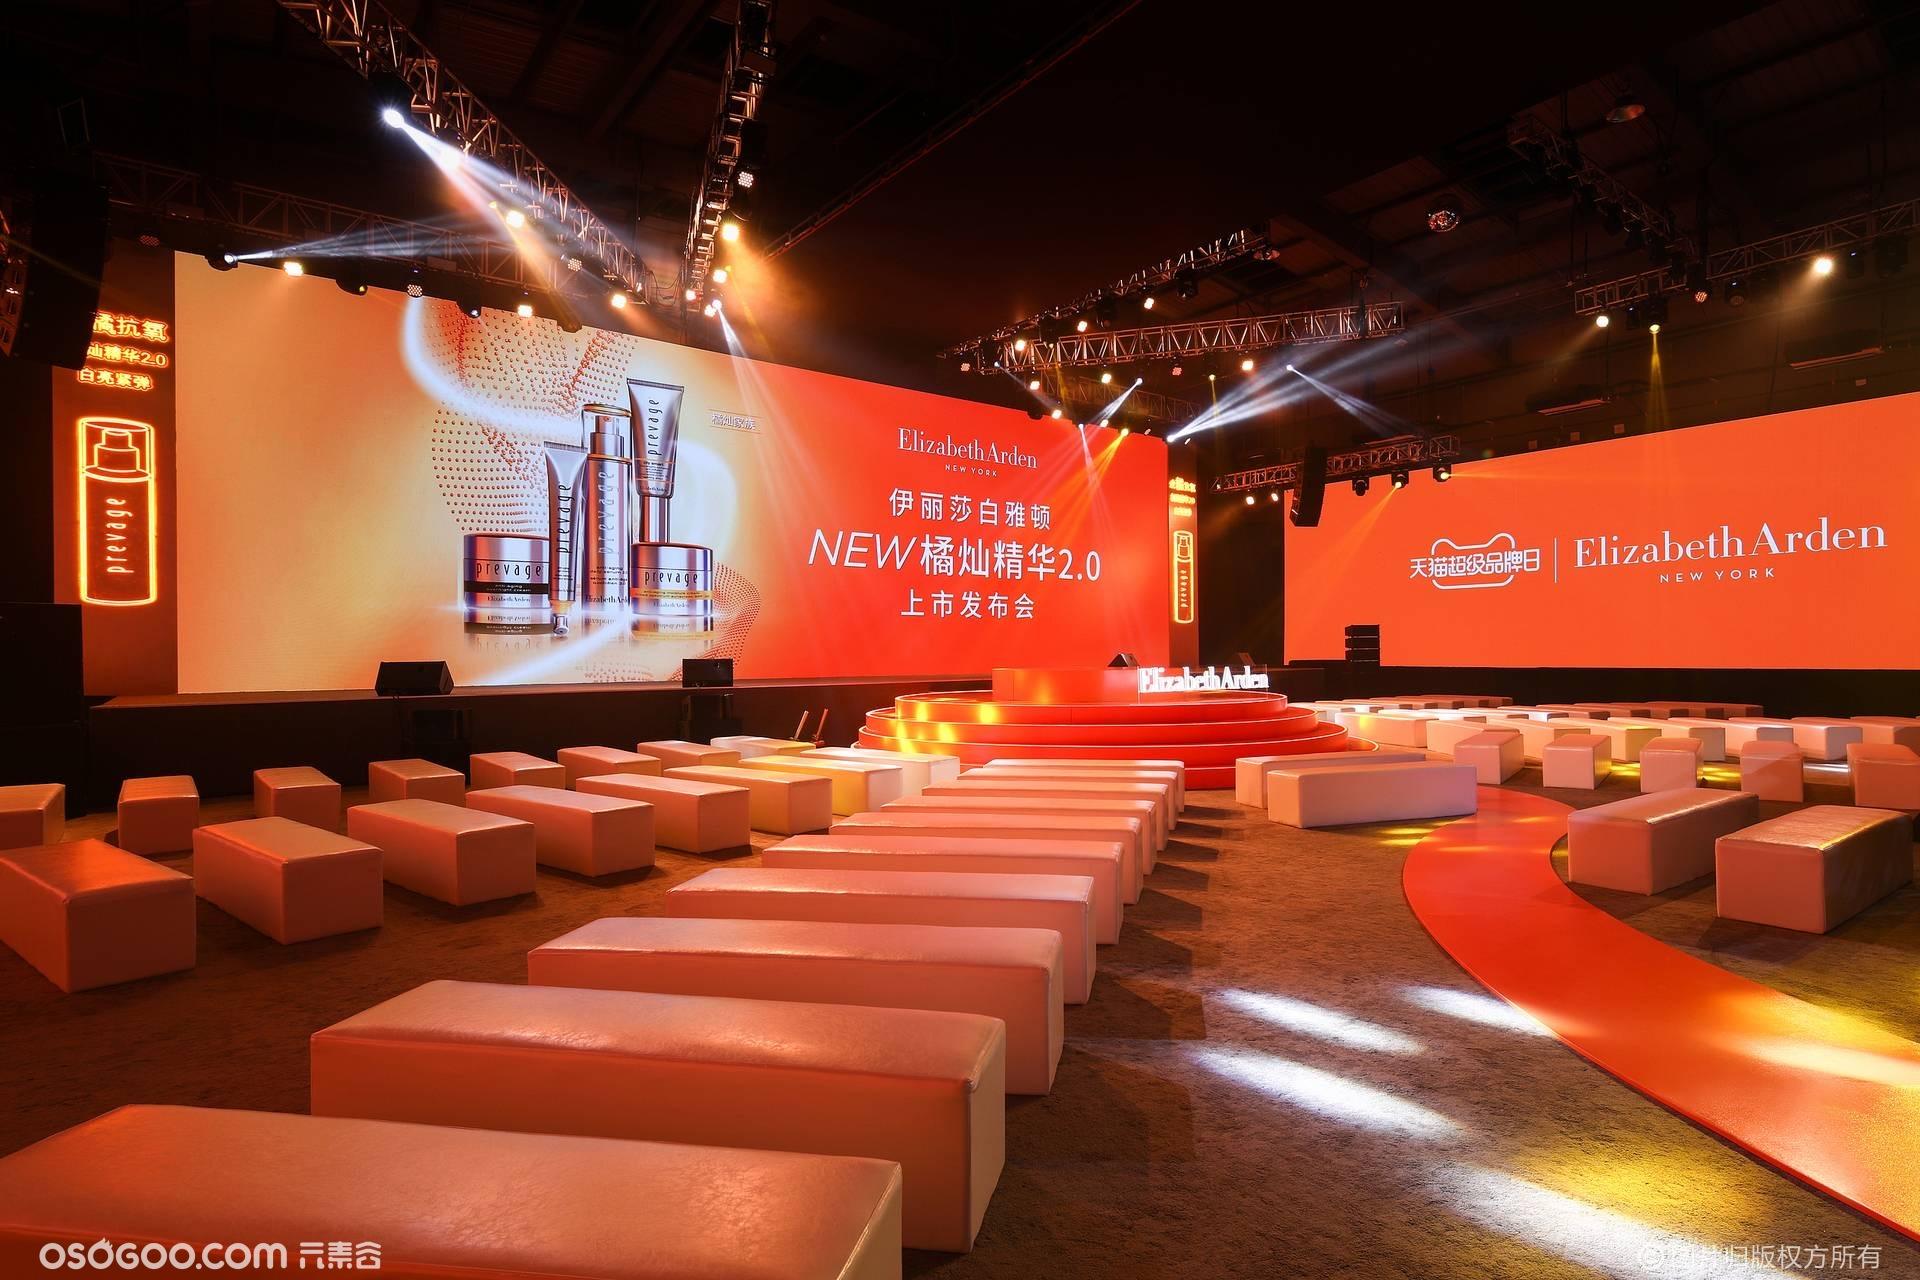 上海安莎国际会议中心